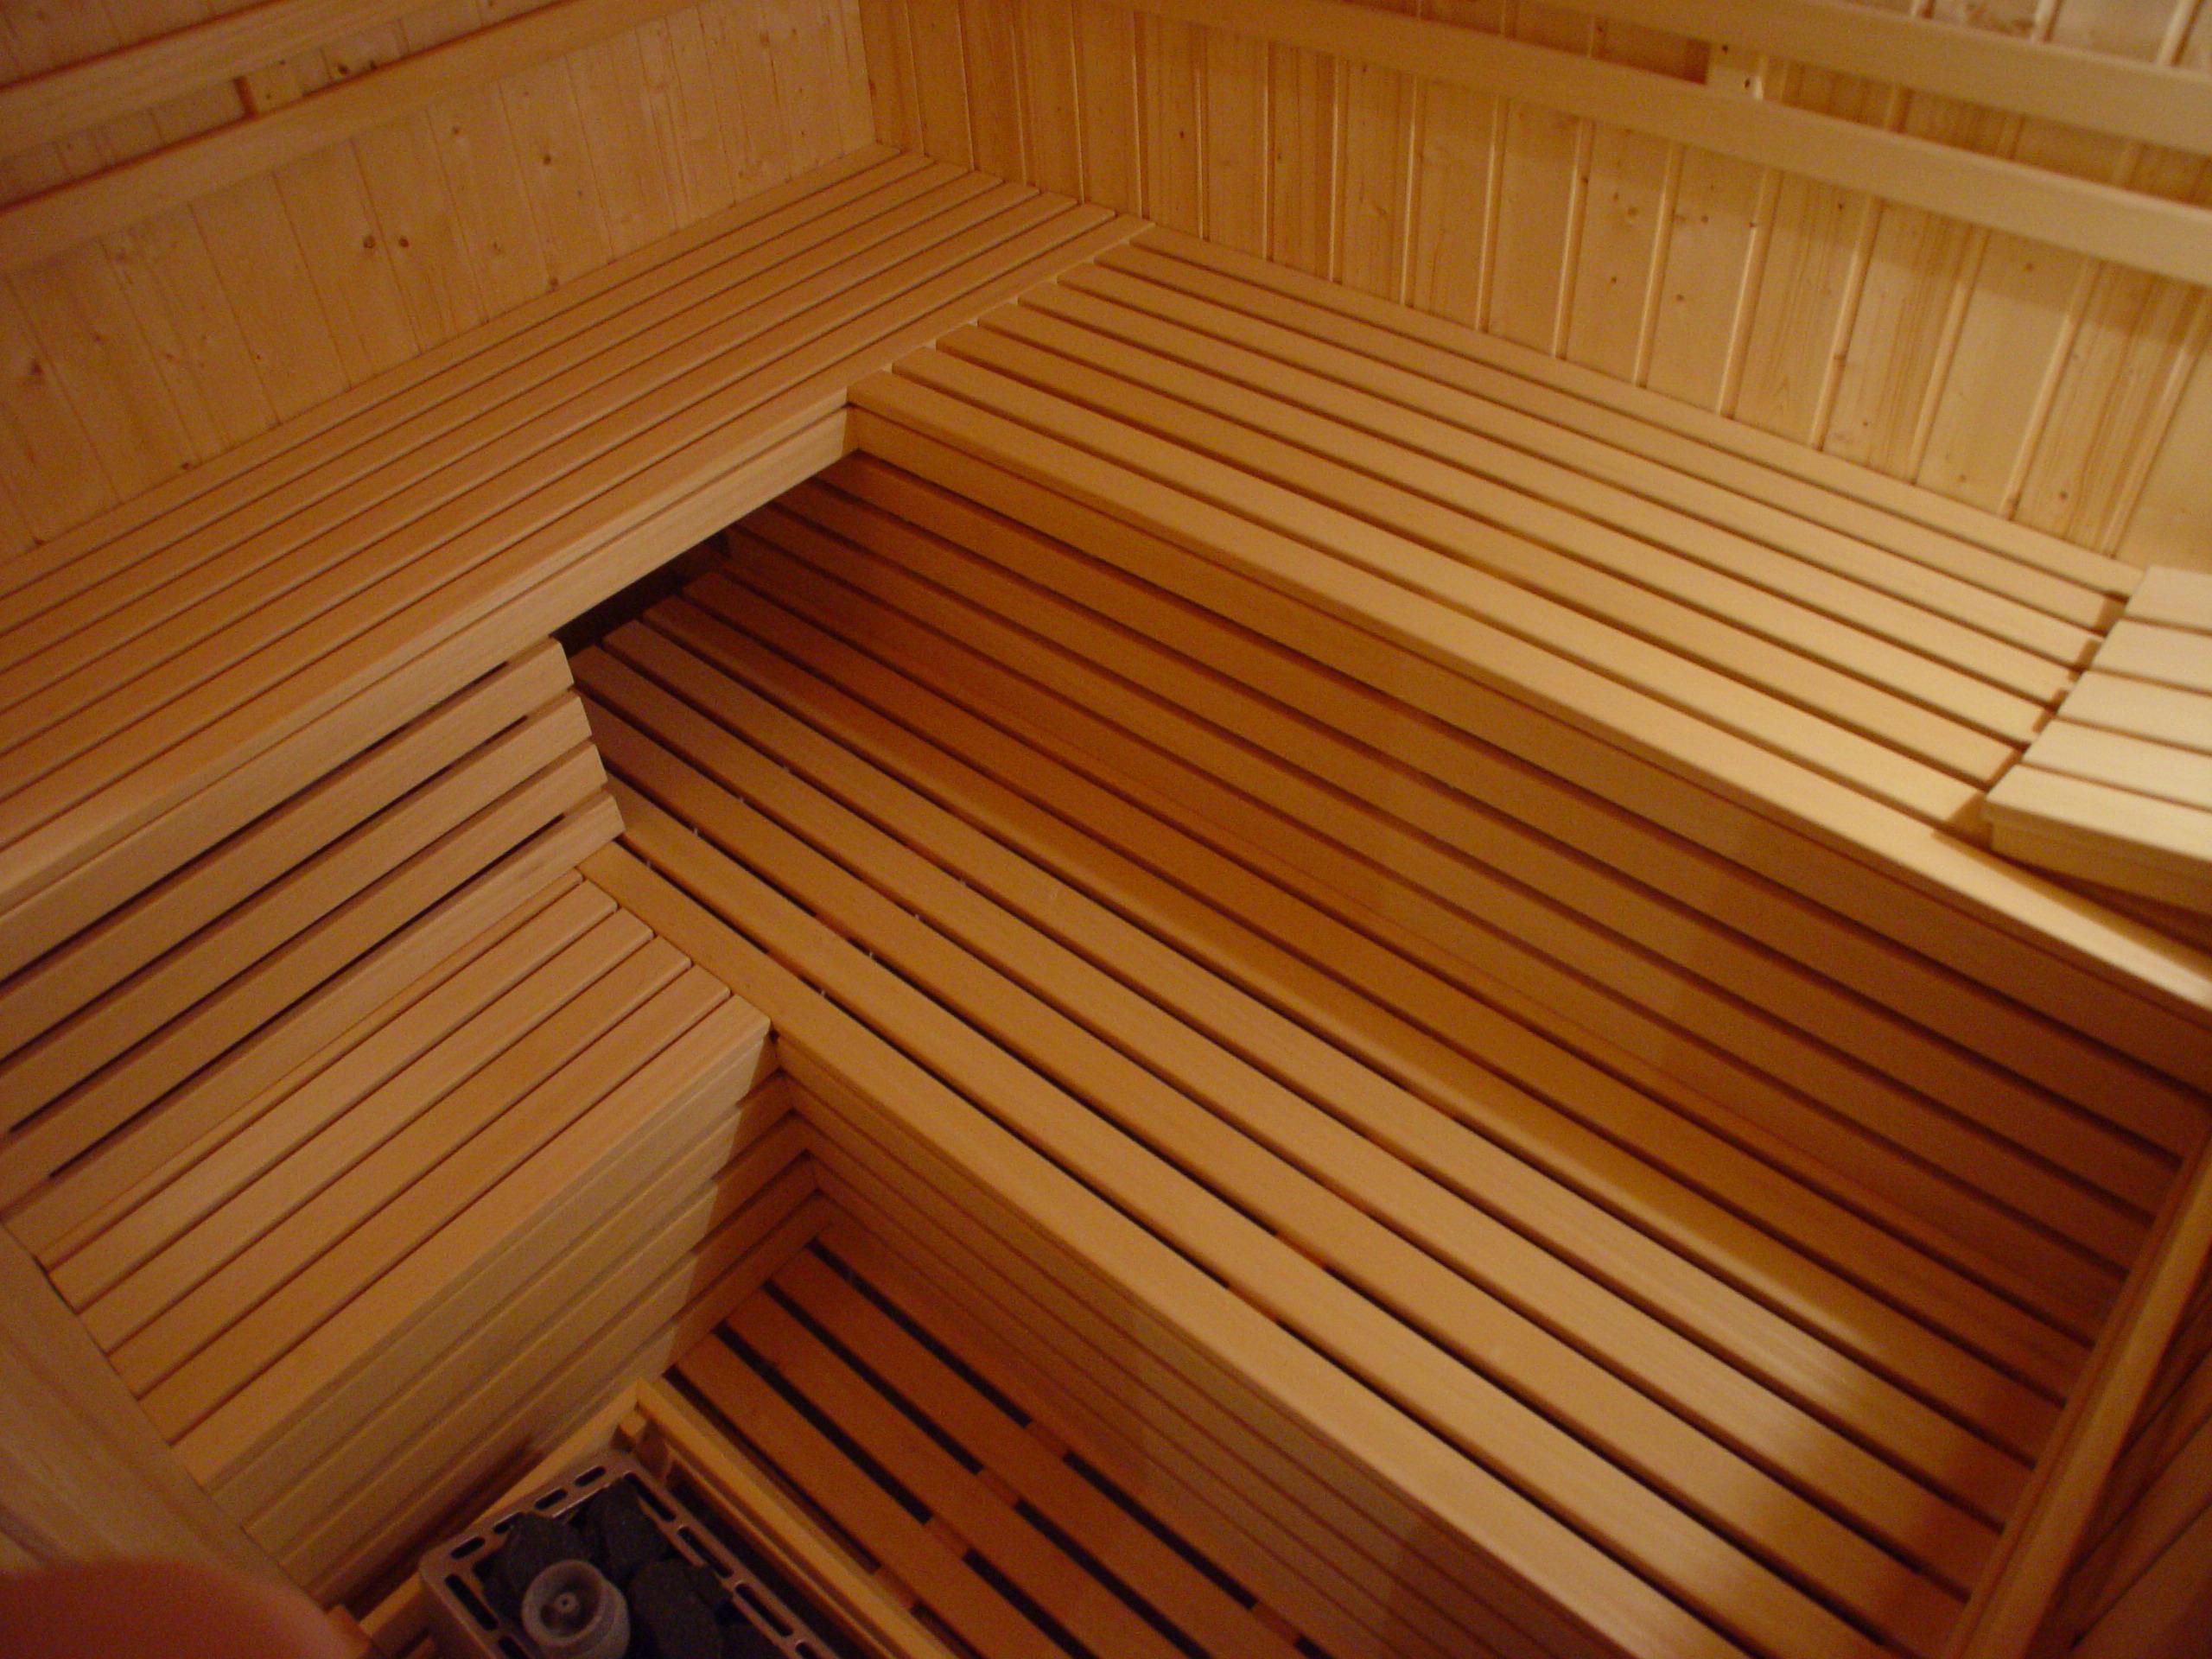 eine sauna bauen wenn du selber eine sauna bauen willst dann bist. Black Bedroom Furniture Sets. Home Design Ideas